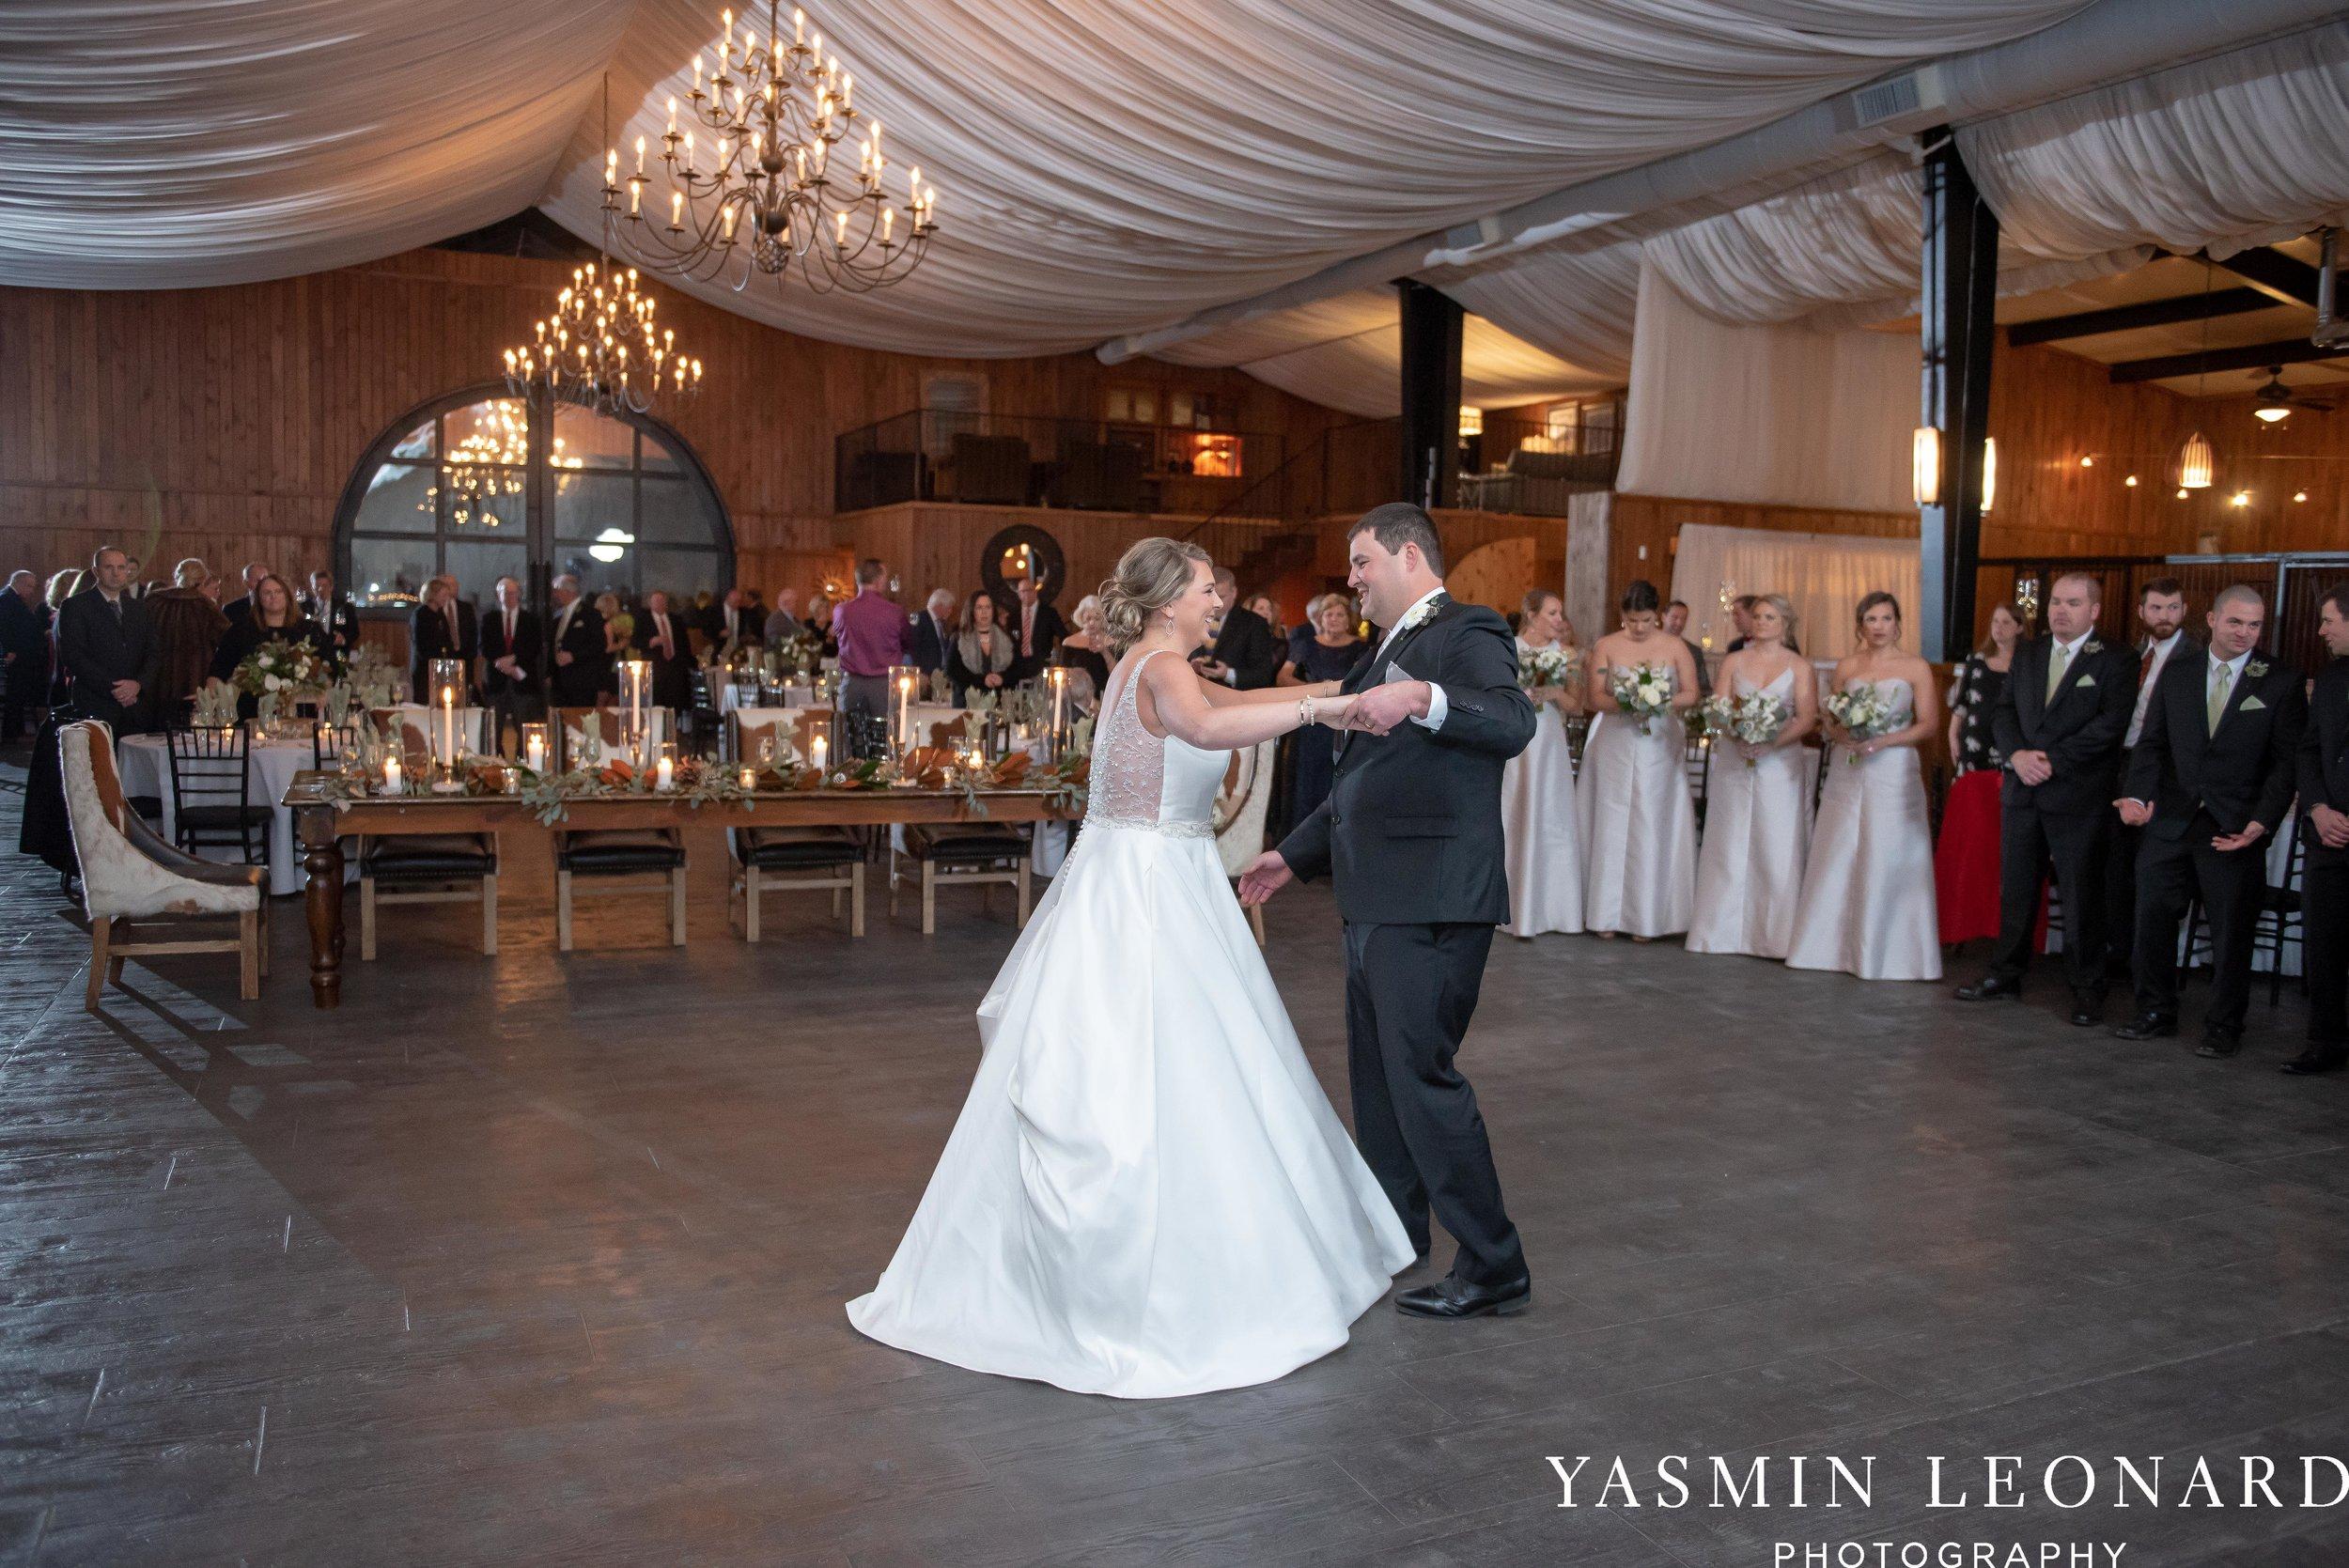 Adaumont Farm - Wesley Memorial Weddings - High Point Weddings - Just Priceless - NC Wedding Photographer - Yasmin Leonard Photography - High Point Wedding Vendors-58.jpg